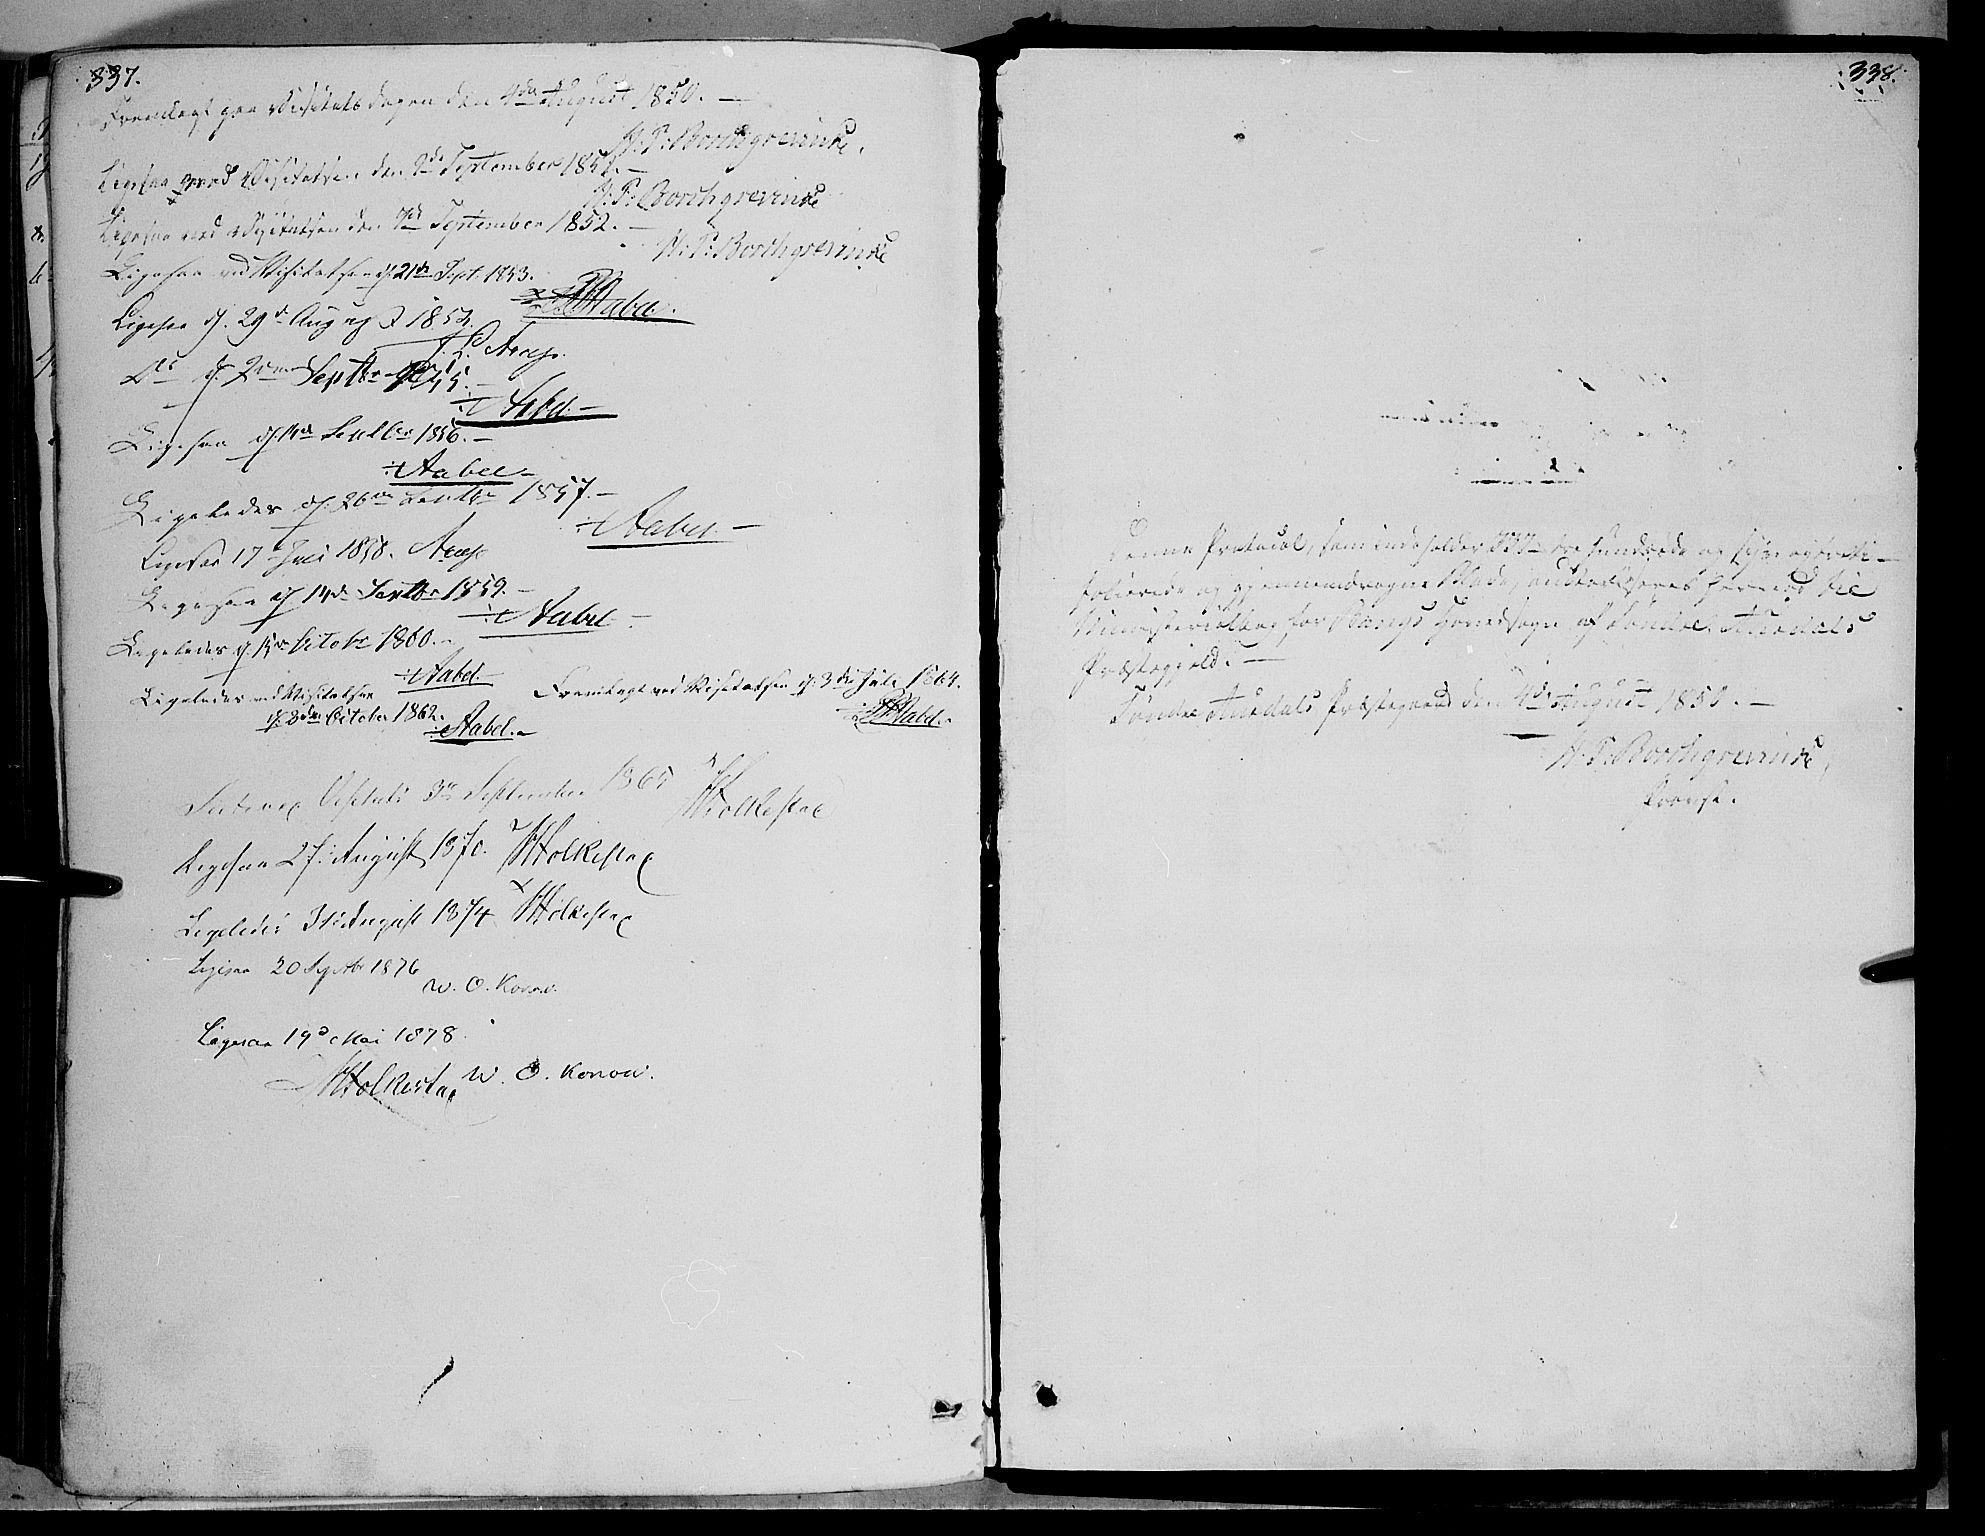 SAH, Sør-Aurdal prestekontor, Ministerialbok nr. 5, 1849-1876, s. 337